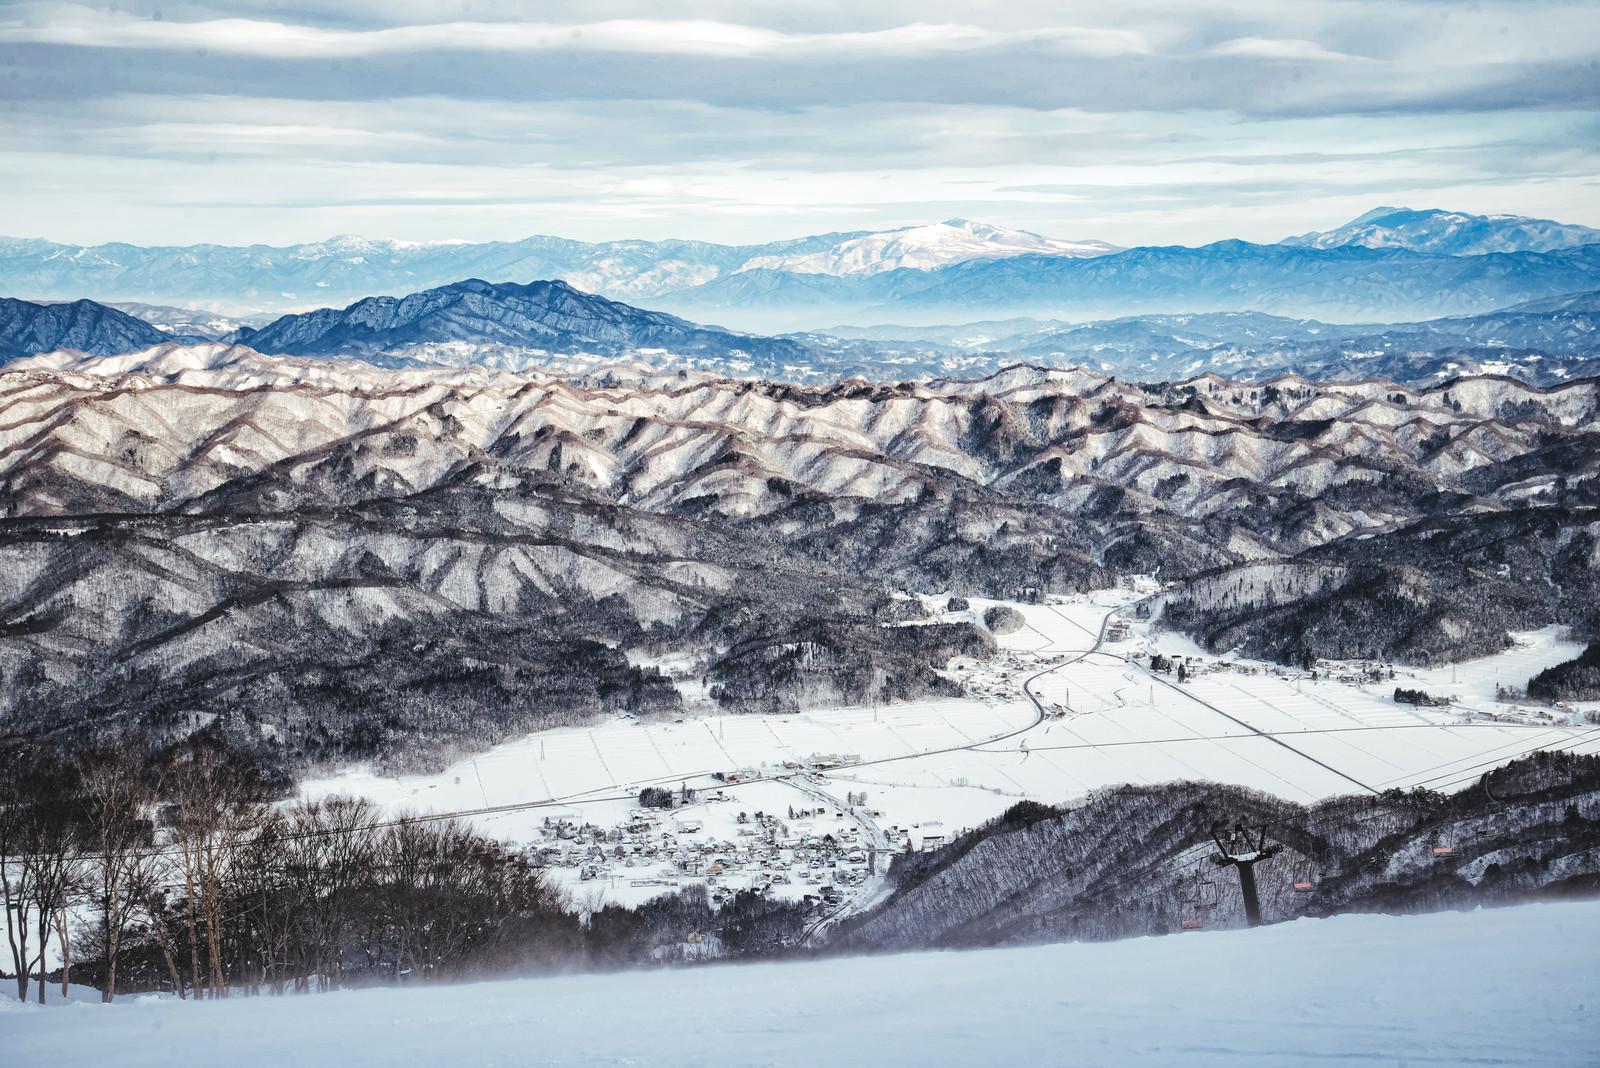 「白馬五竜スキー場から見える雪化粧した山々」の写真